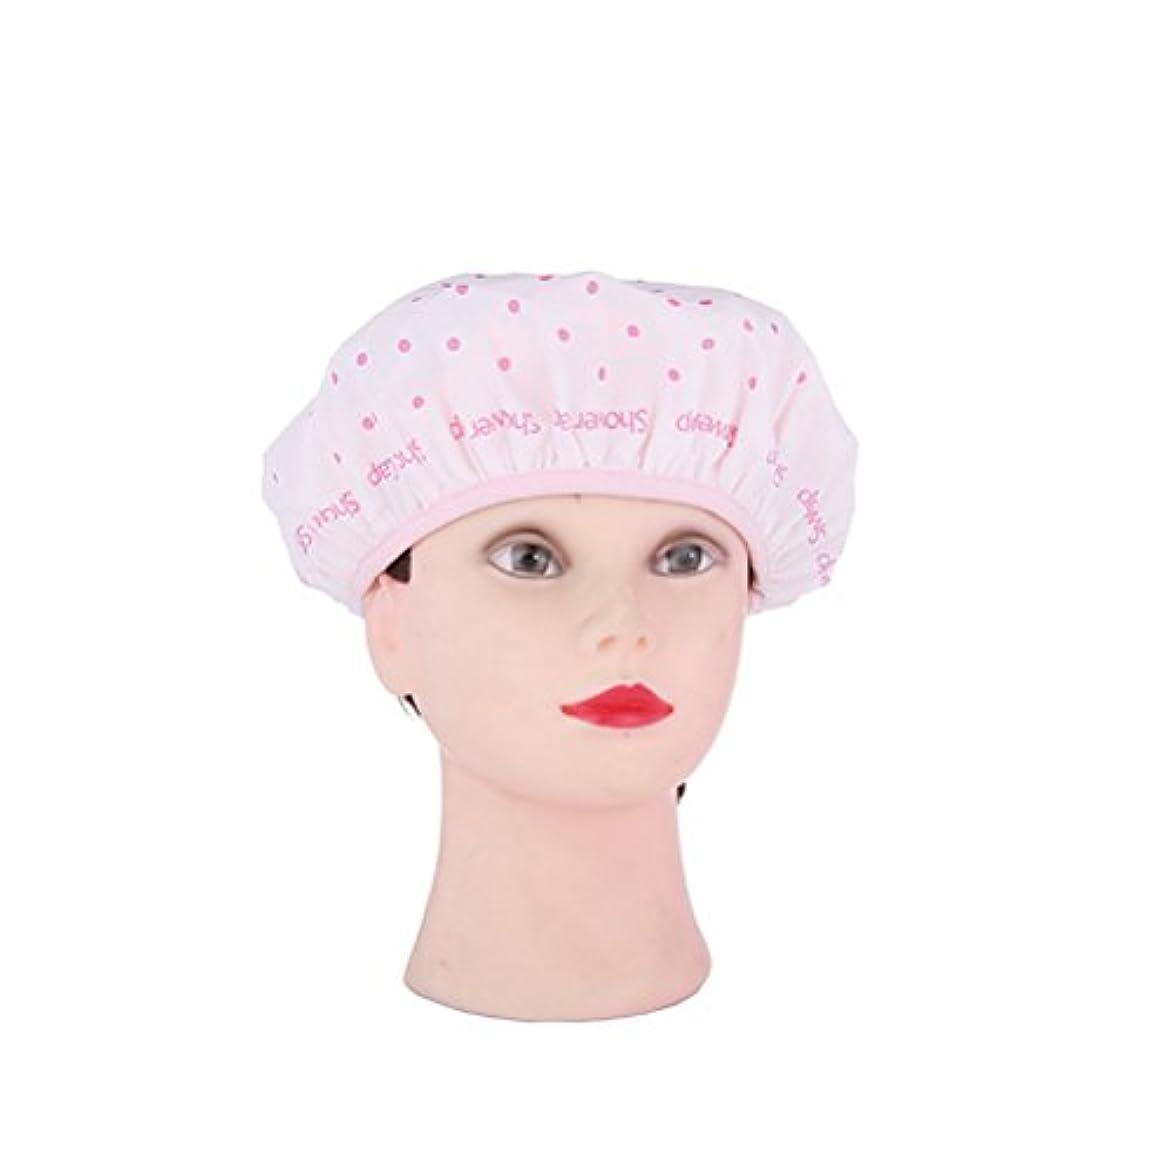 精査結晶アルカトラズ島ROSENICE シャワーキャップ防水性モールド抵抗性の洗えるシャワーキャップかわいいやわらかい髪の帽子(ピンク)